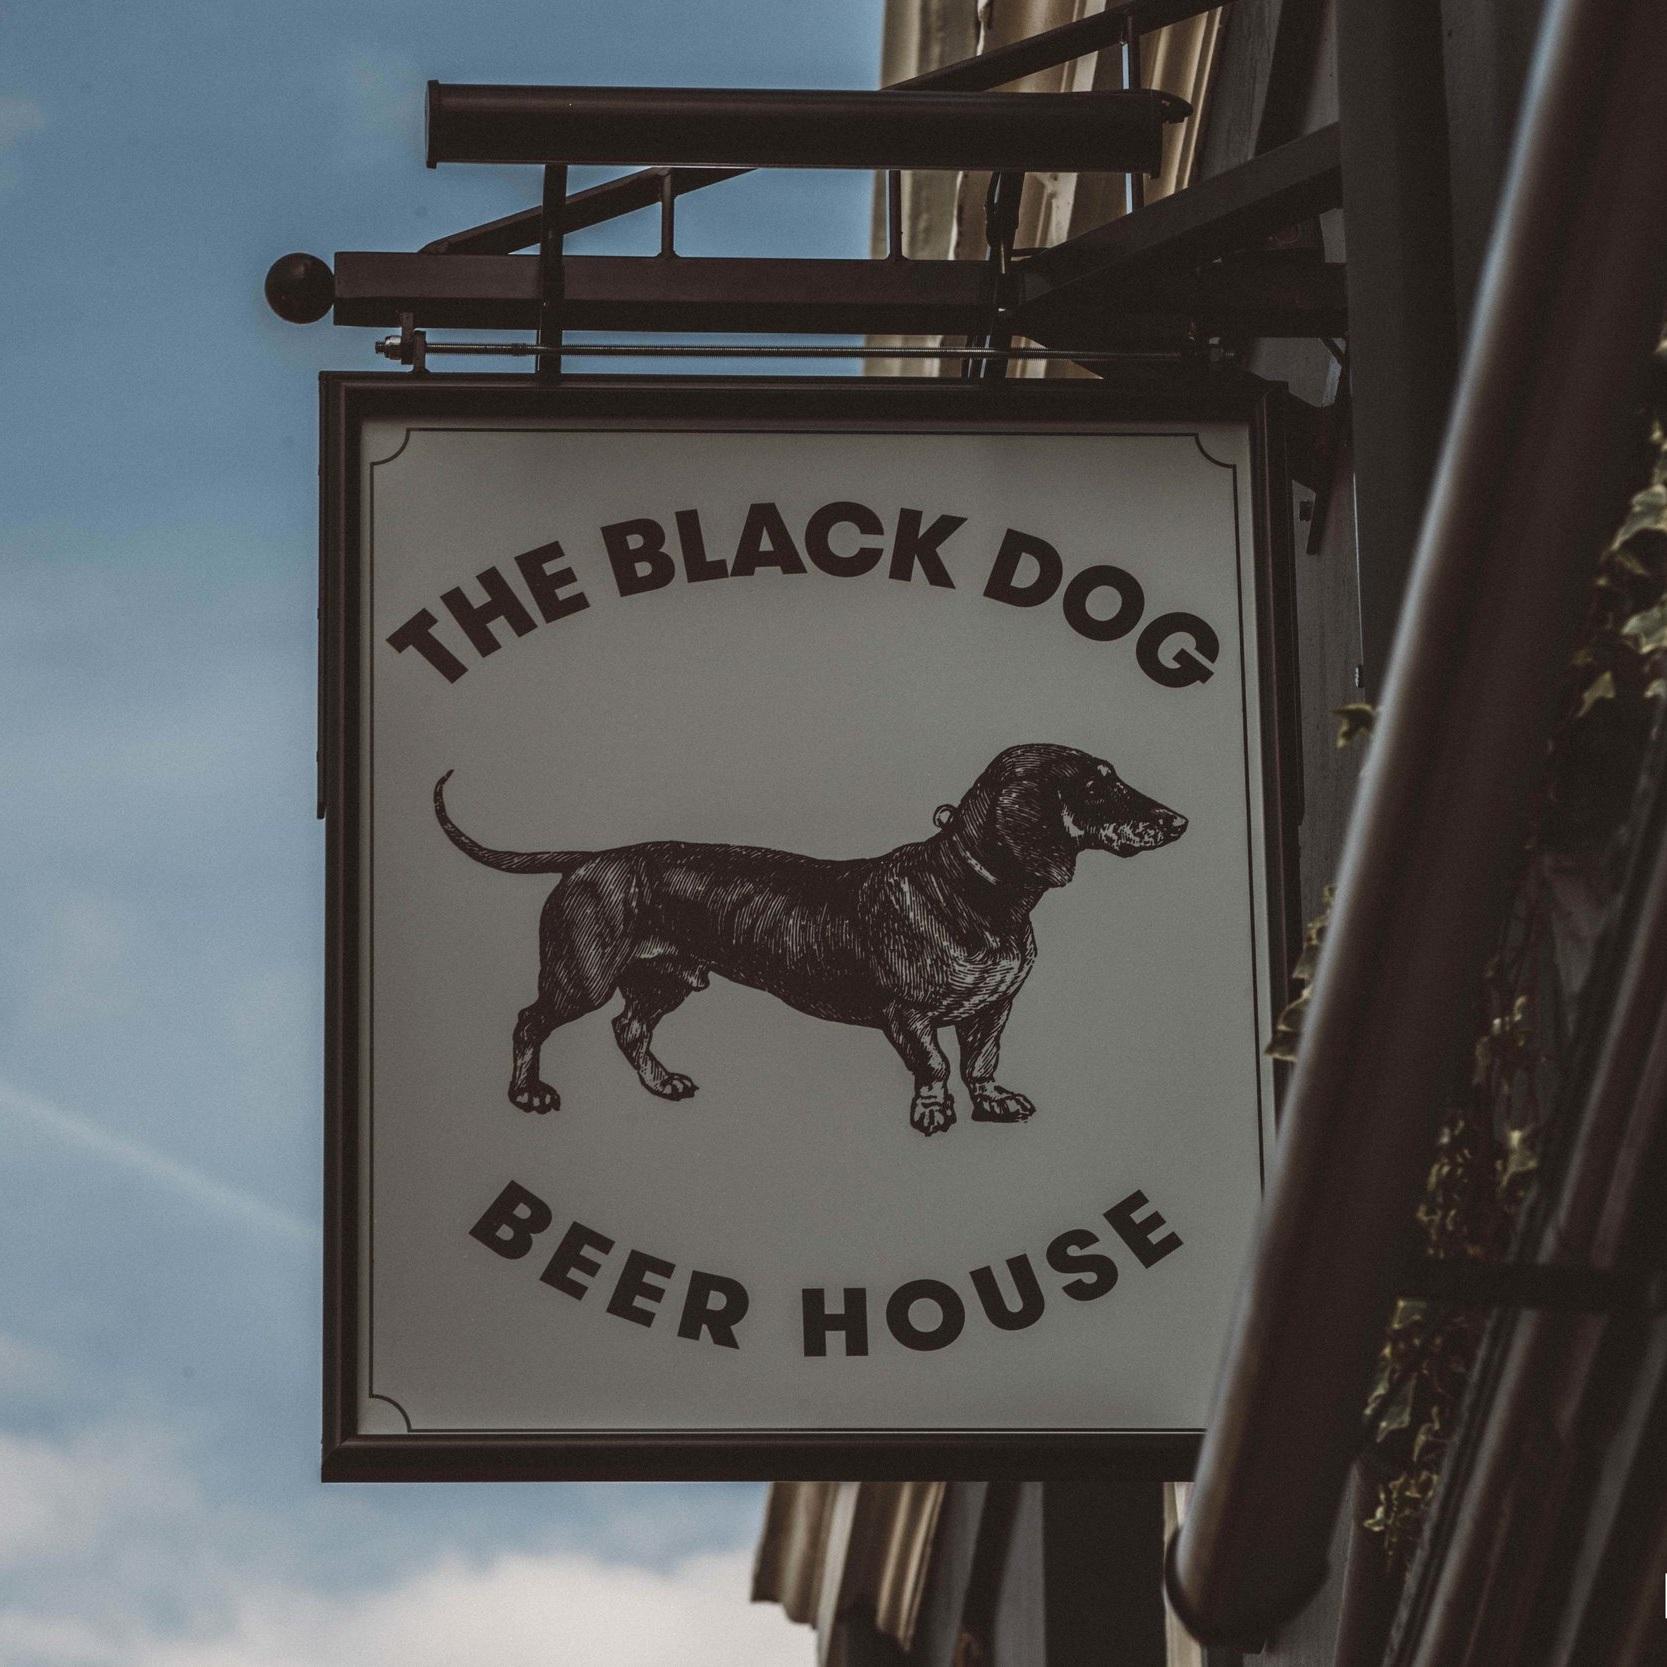 black-dog-beer-house-brentford